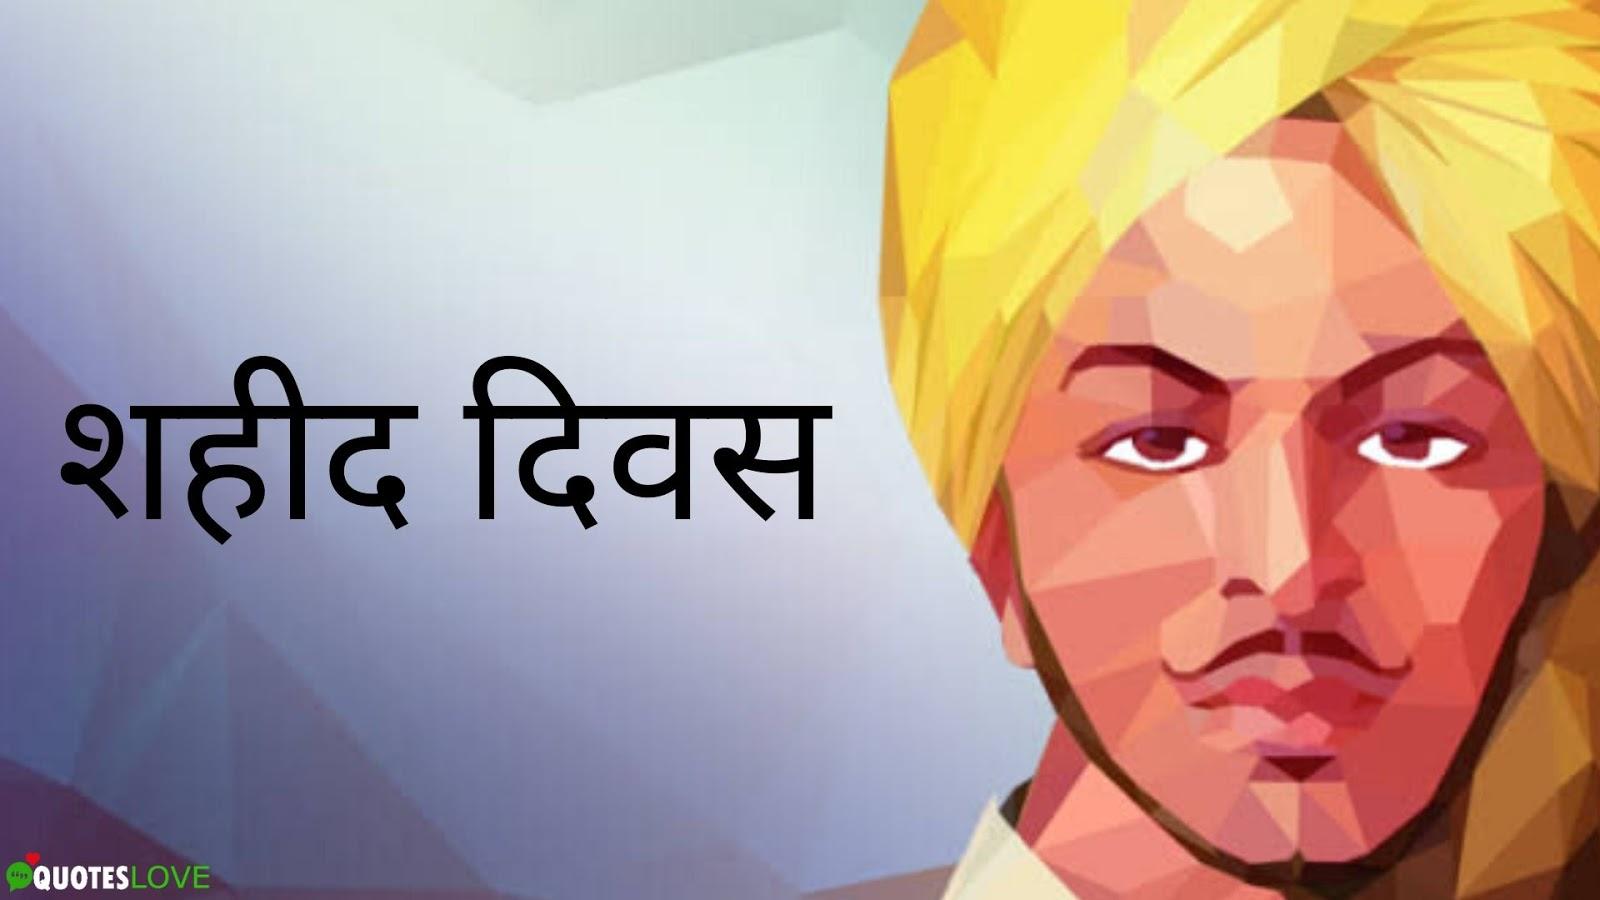 Martyr Day - Shaheed Diwas 2020 Quotes, Wishes, Slogans In Hindi शहीद दिवस पर देश के वीरों को नमन